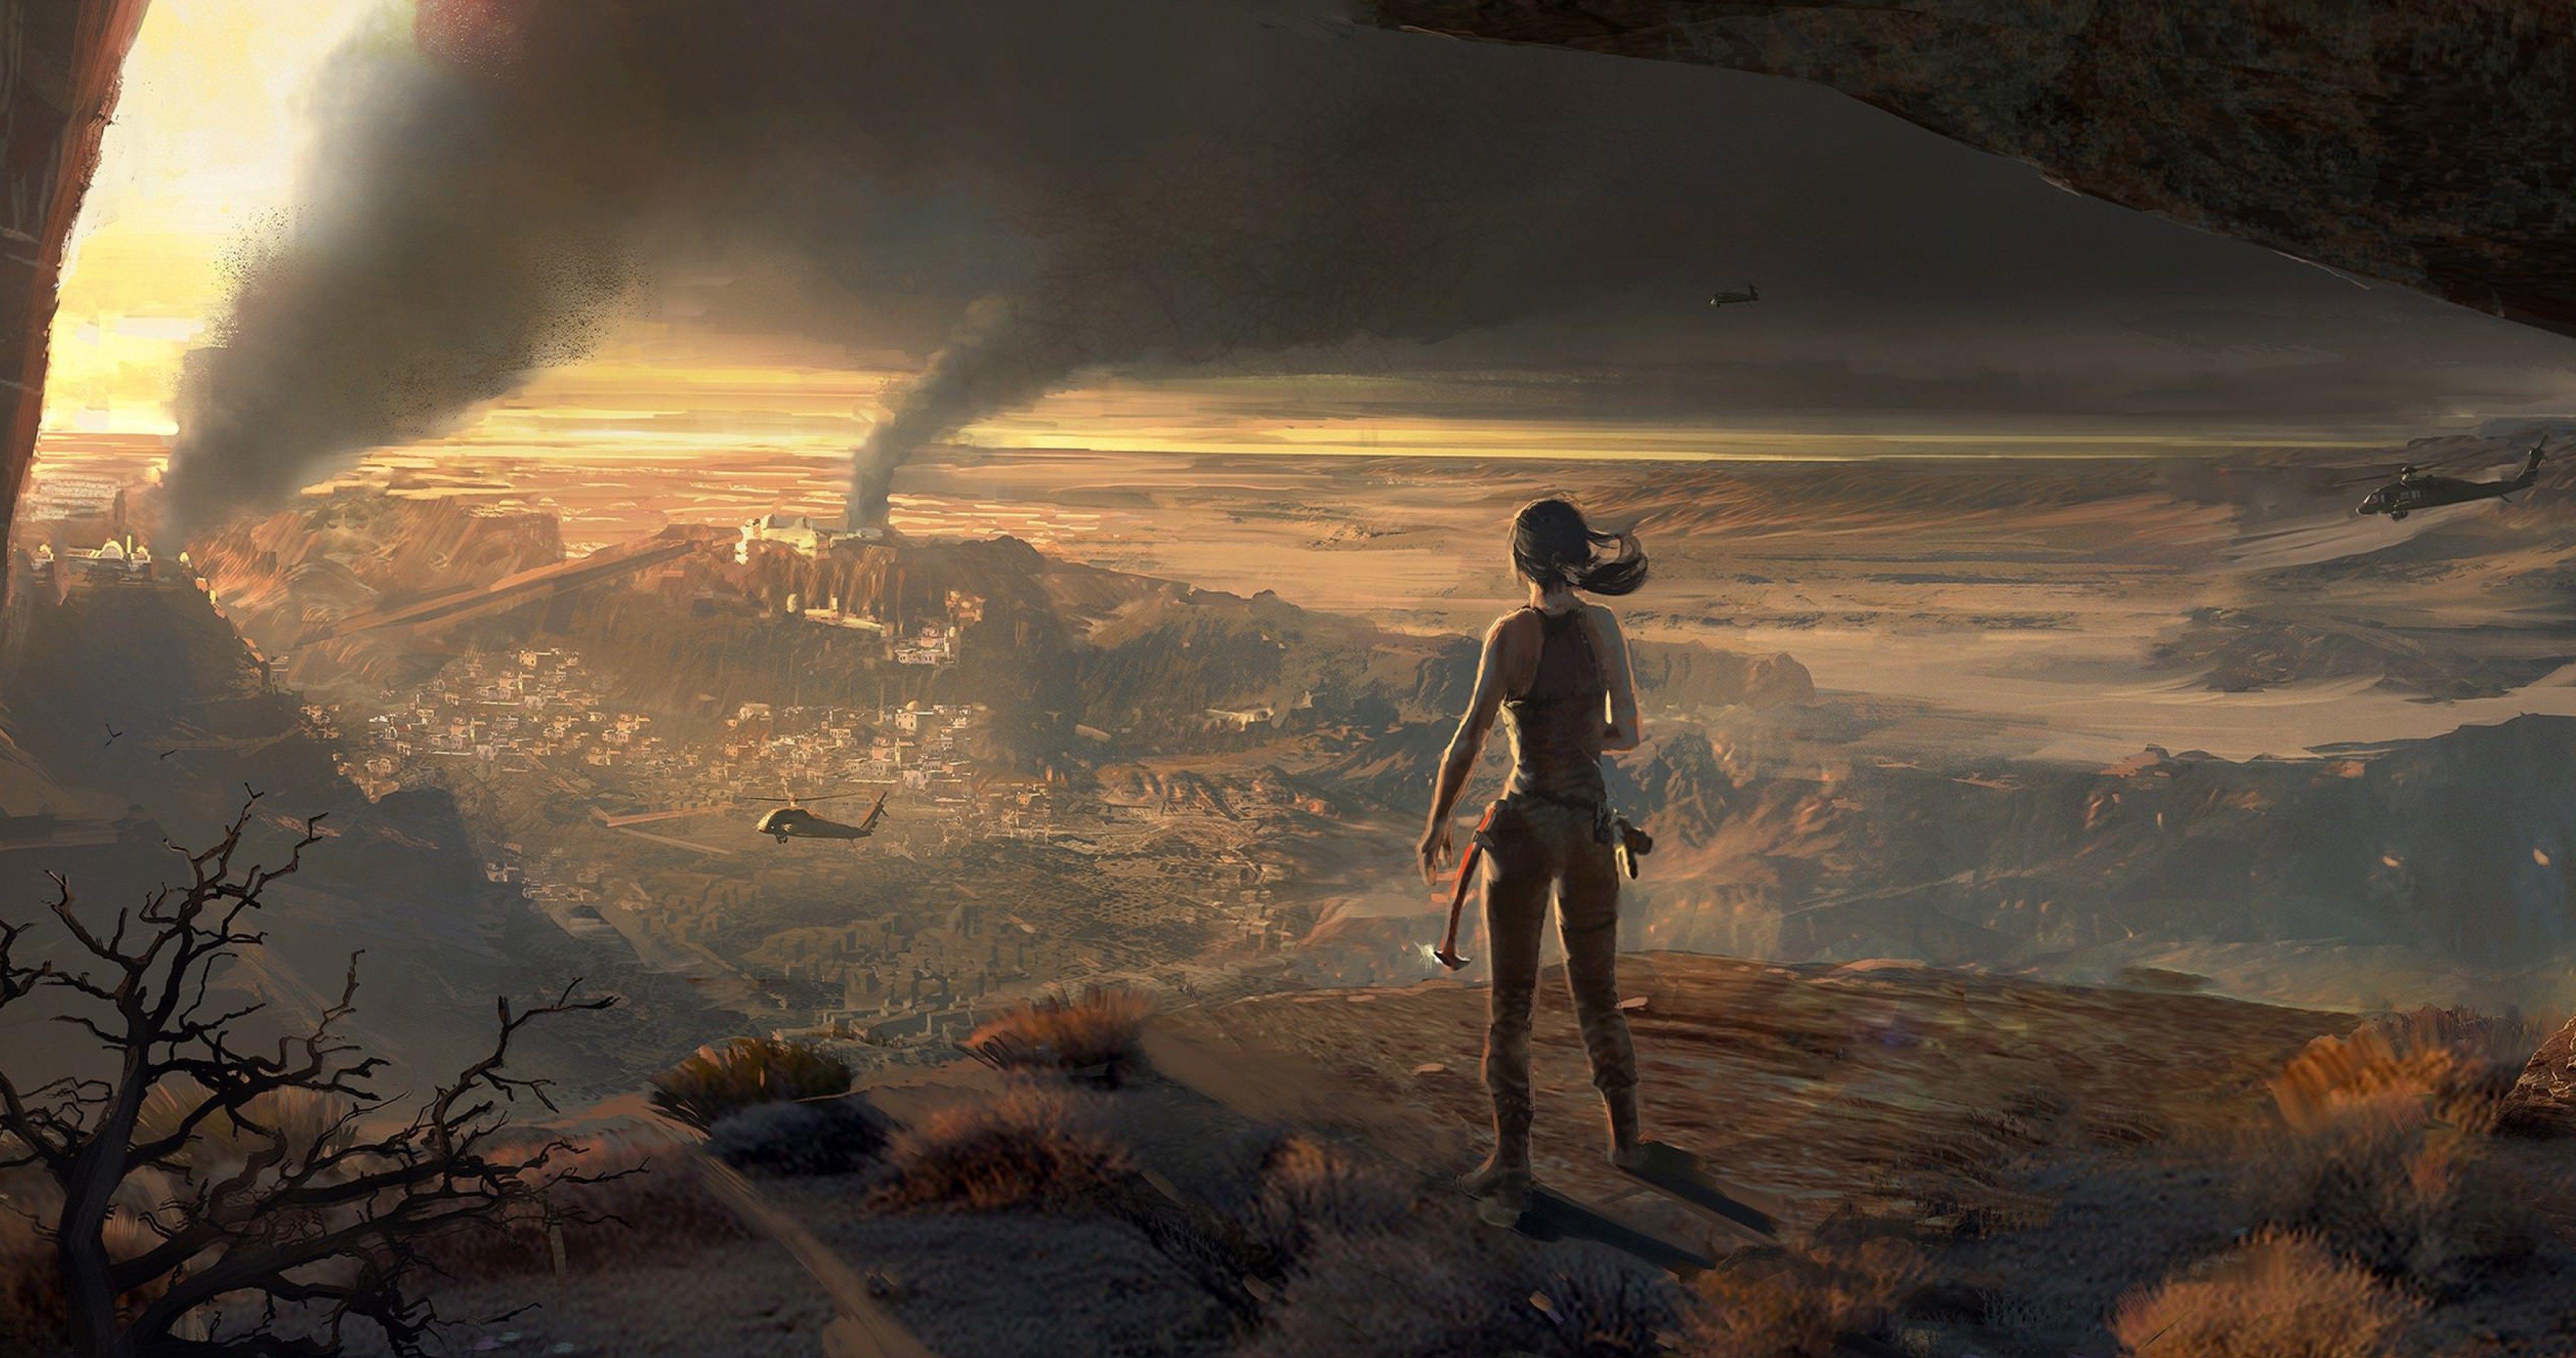 Rise Of The Tomb Raider Lara Croft 4k Ultra Hd Wallpaper Tomb Raider Art Tomb Raider Rise Of The Tomb